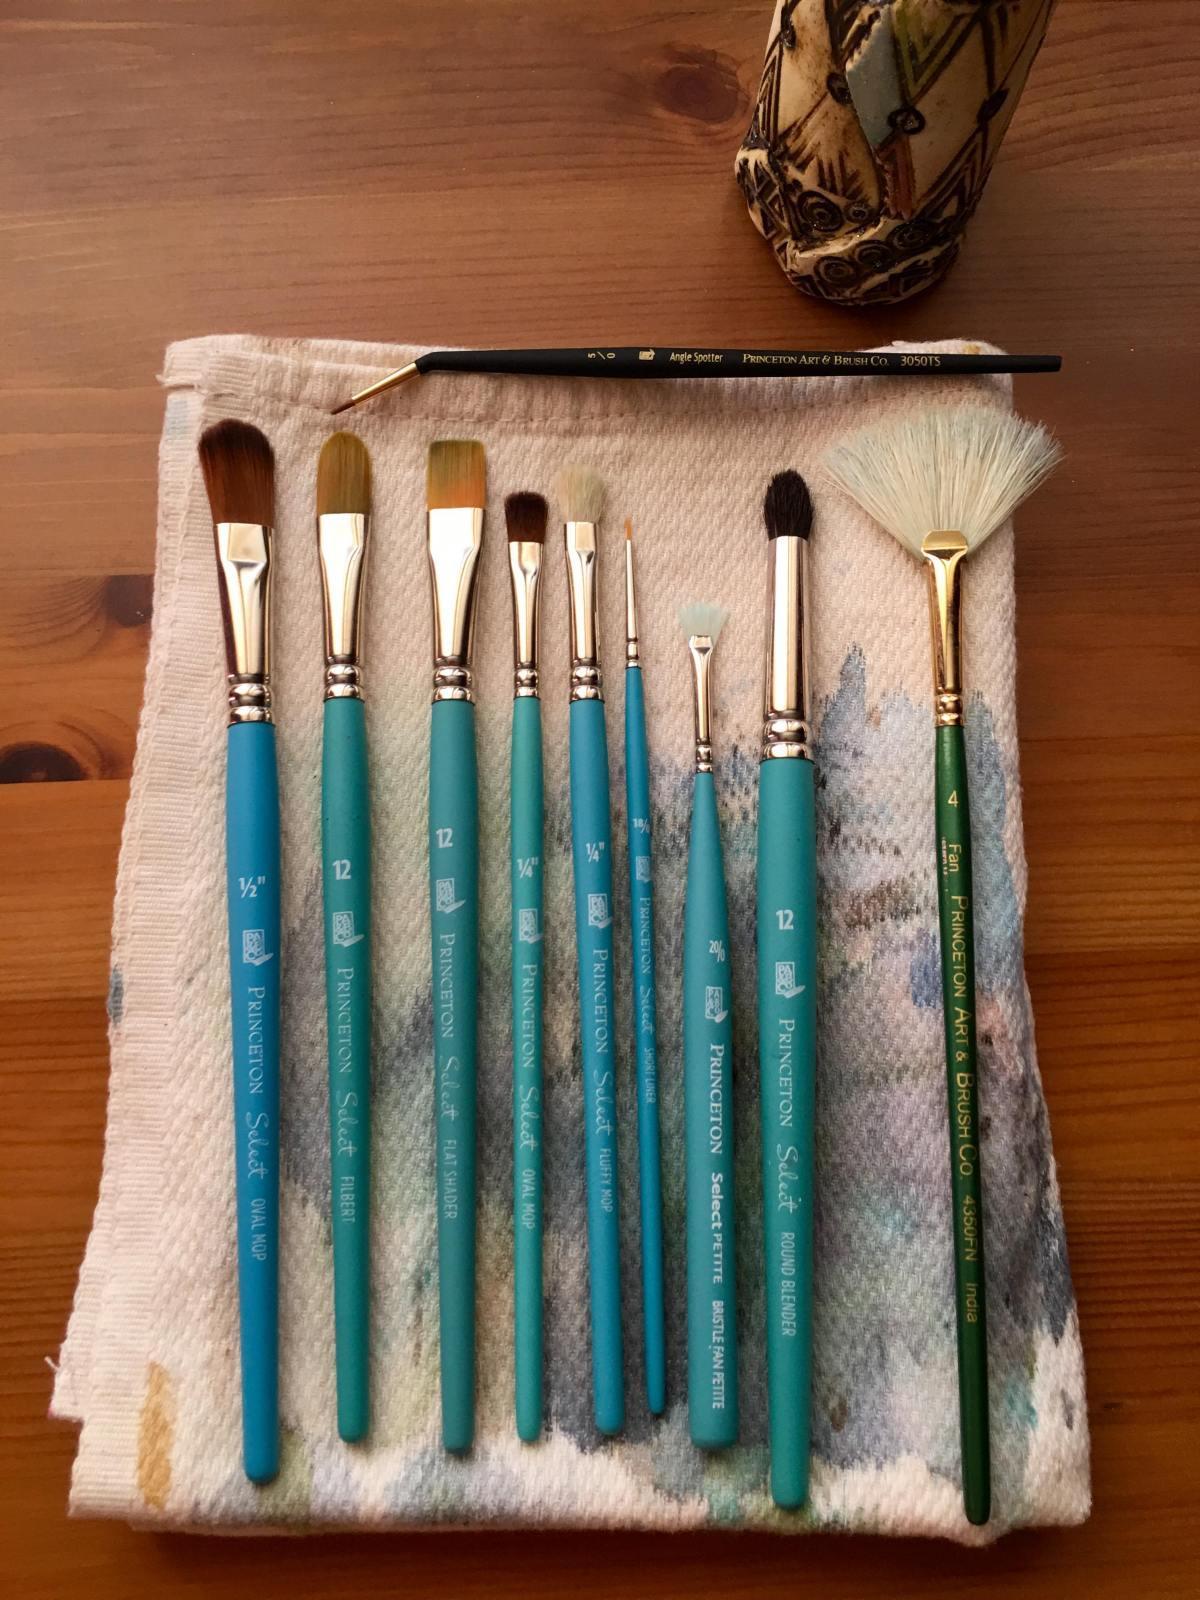 Princeton Series 3750 Select Brushes